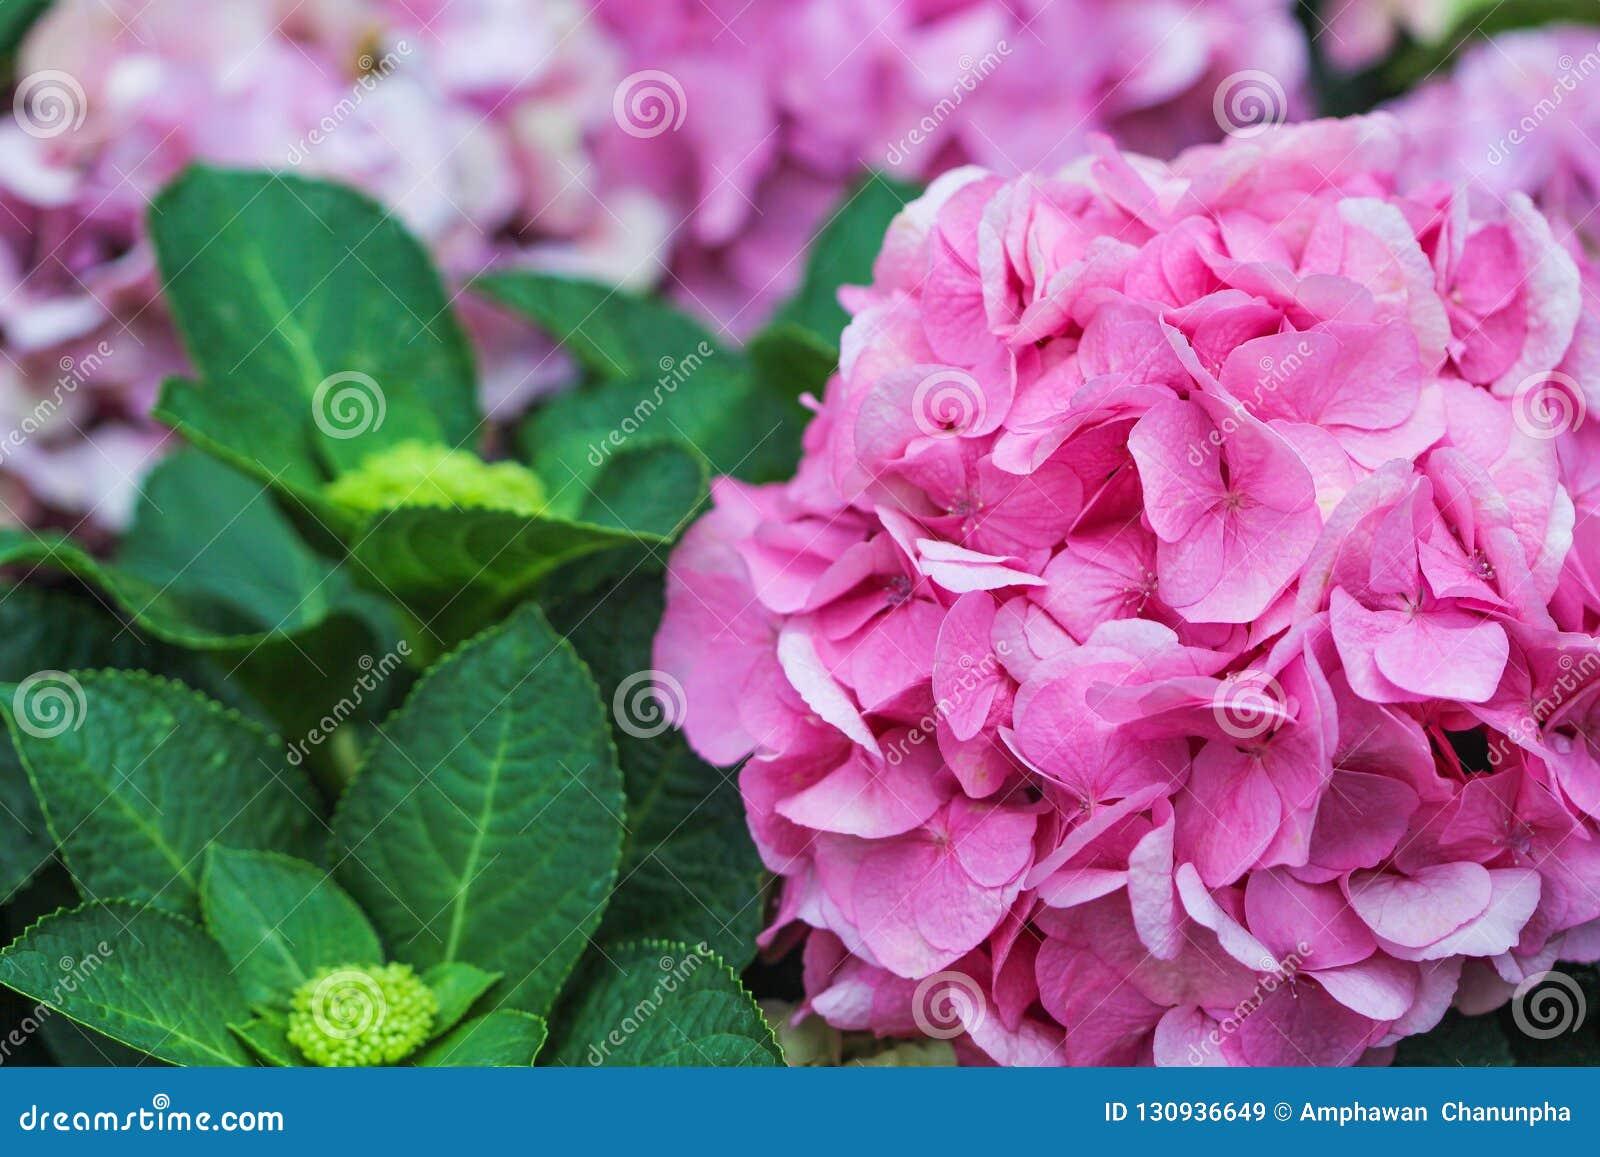 Pink hydrangea flowers in garden,Natural patterns background